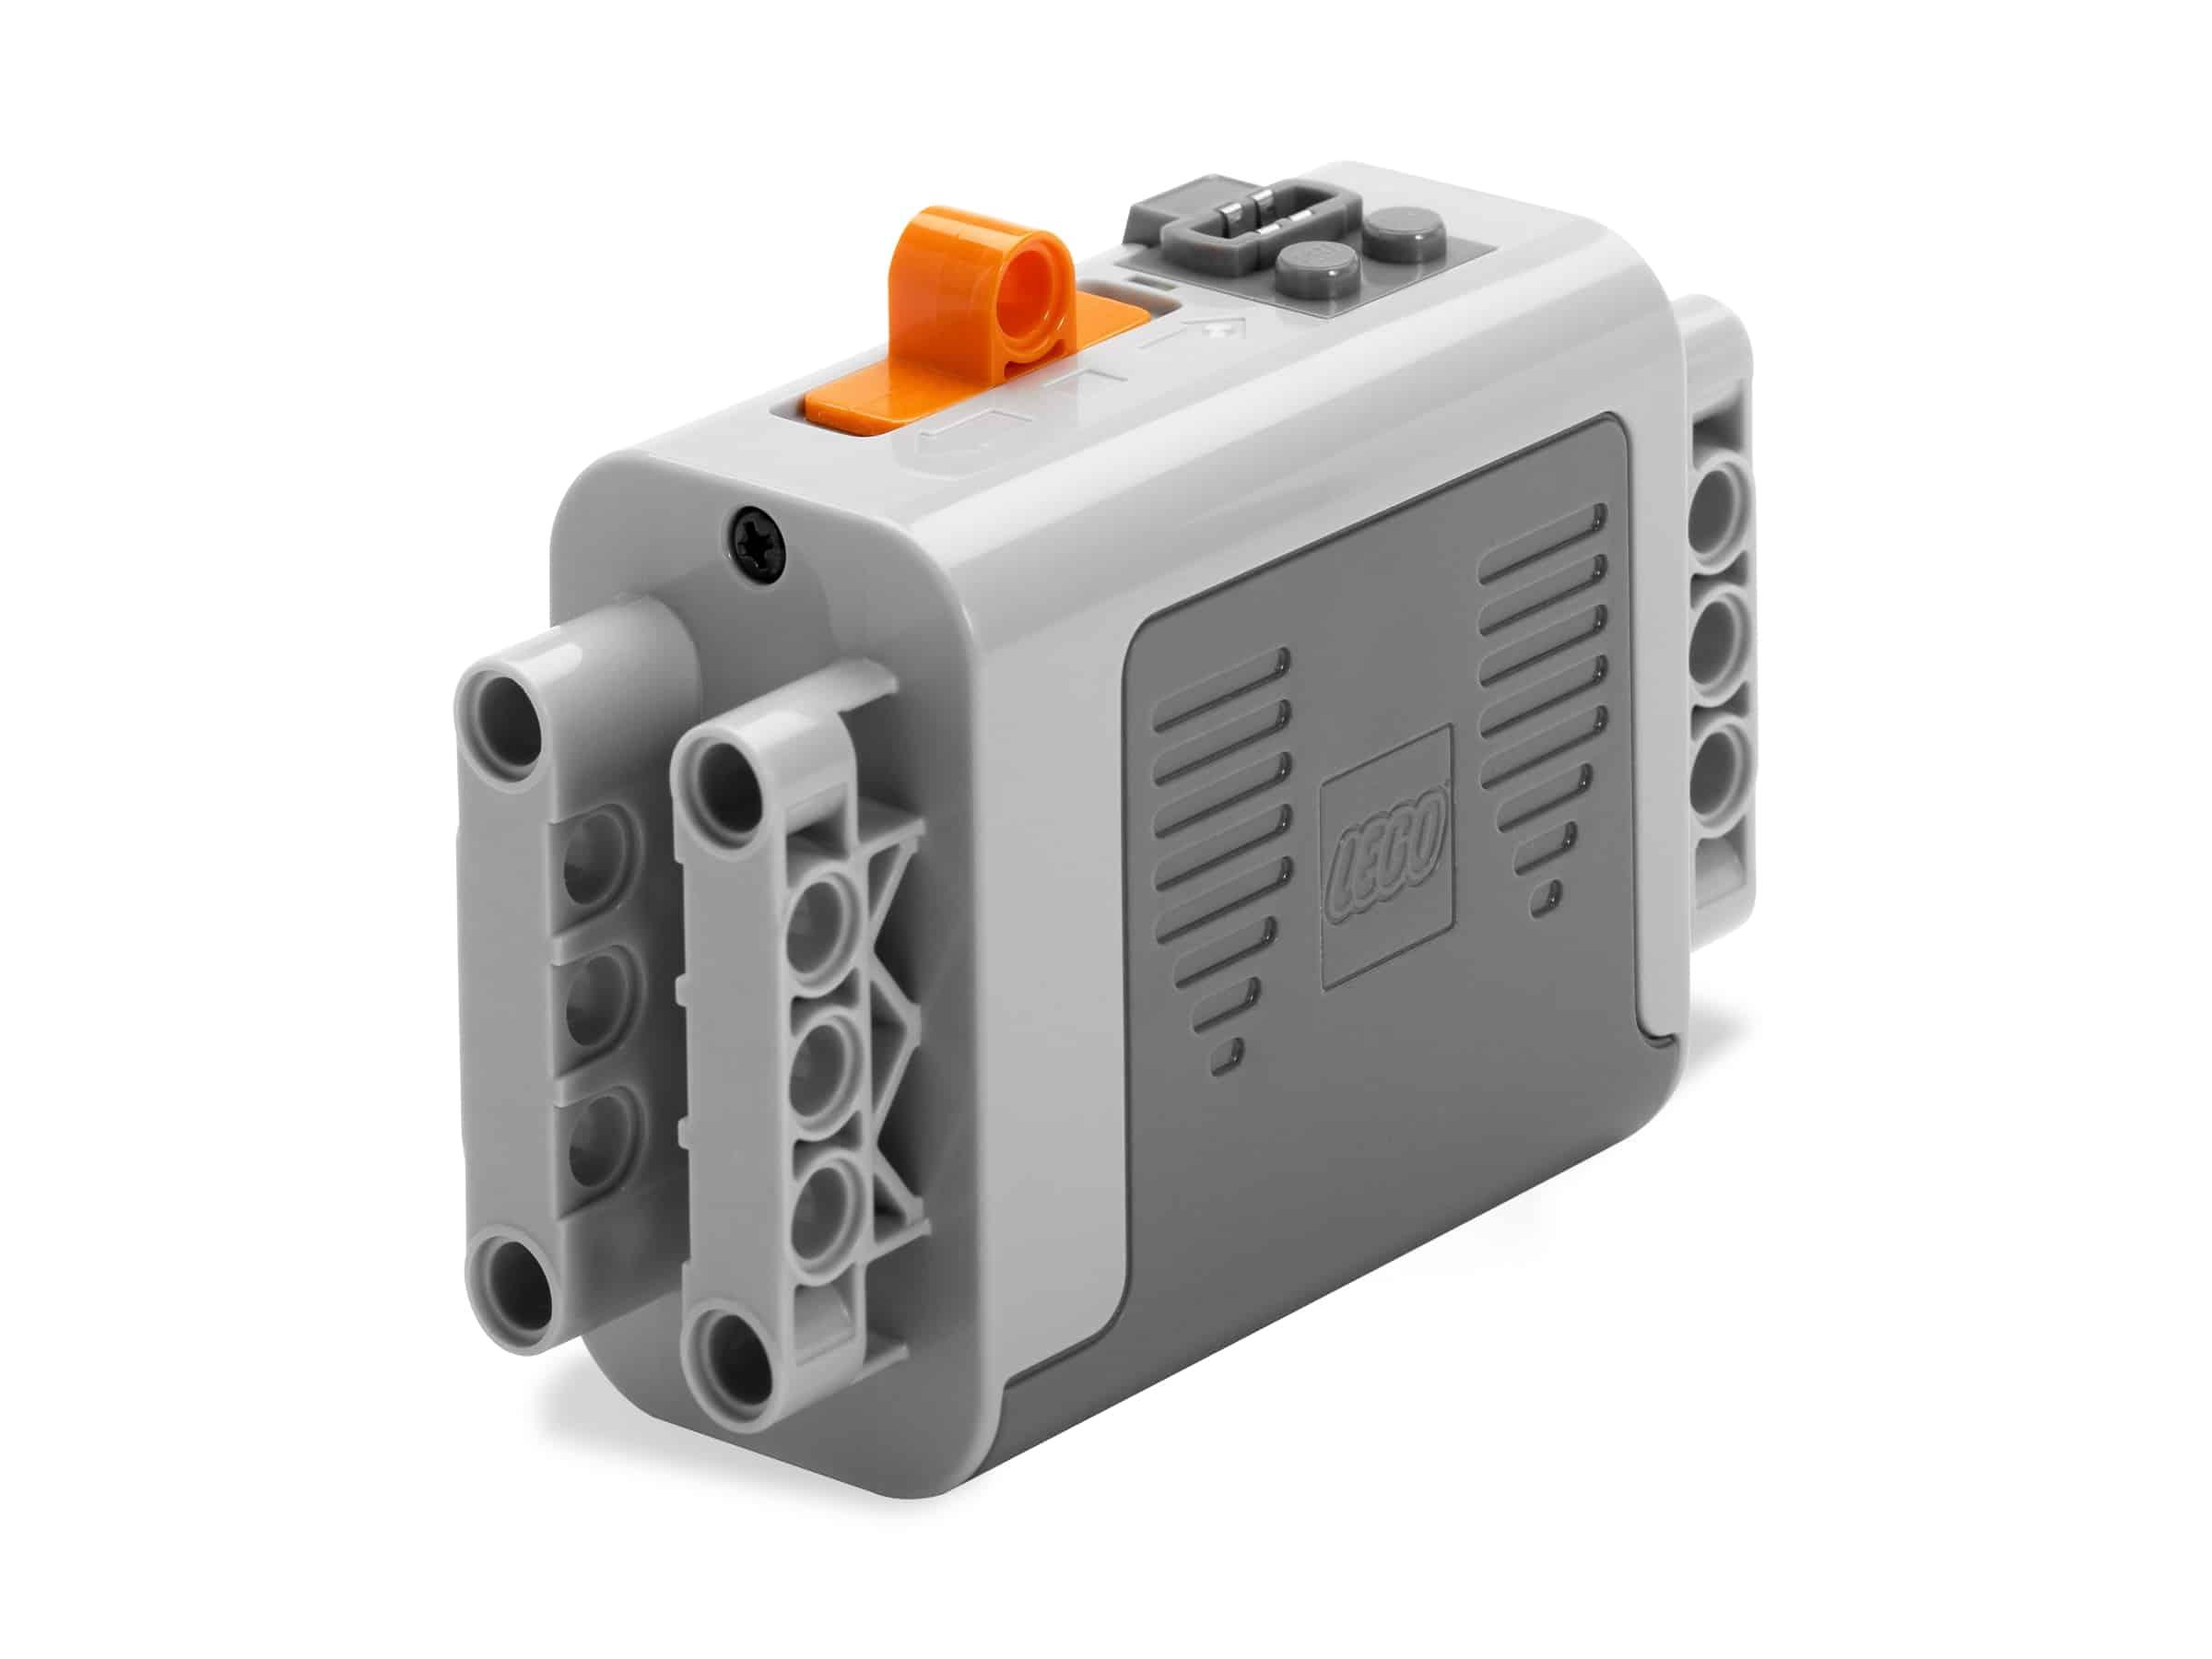 lego 8881 power functions batteriboks